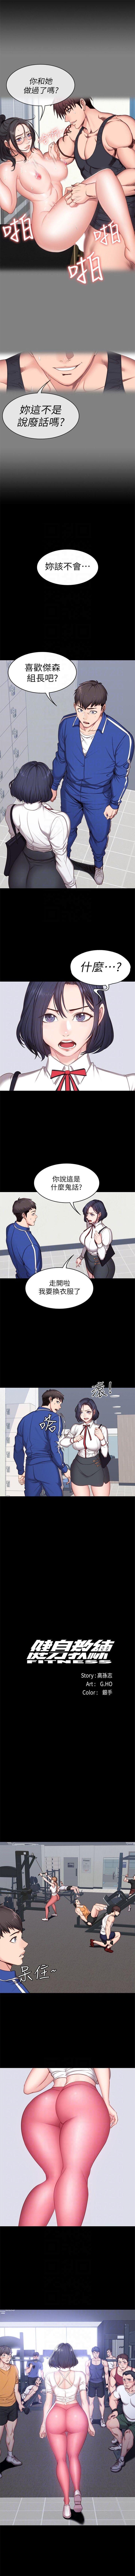 健身教練 1-56 官方中文(連載中) 50